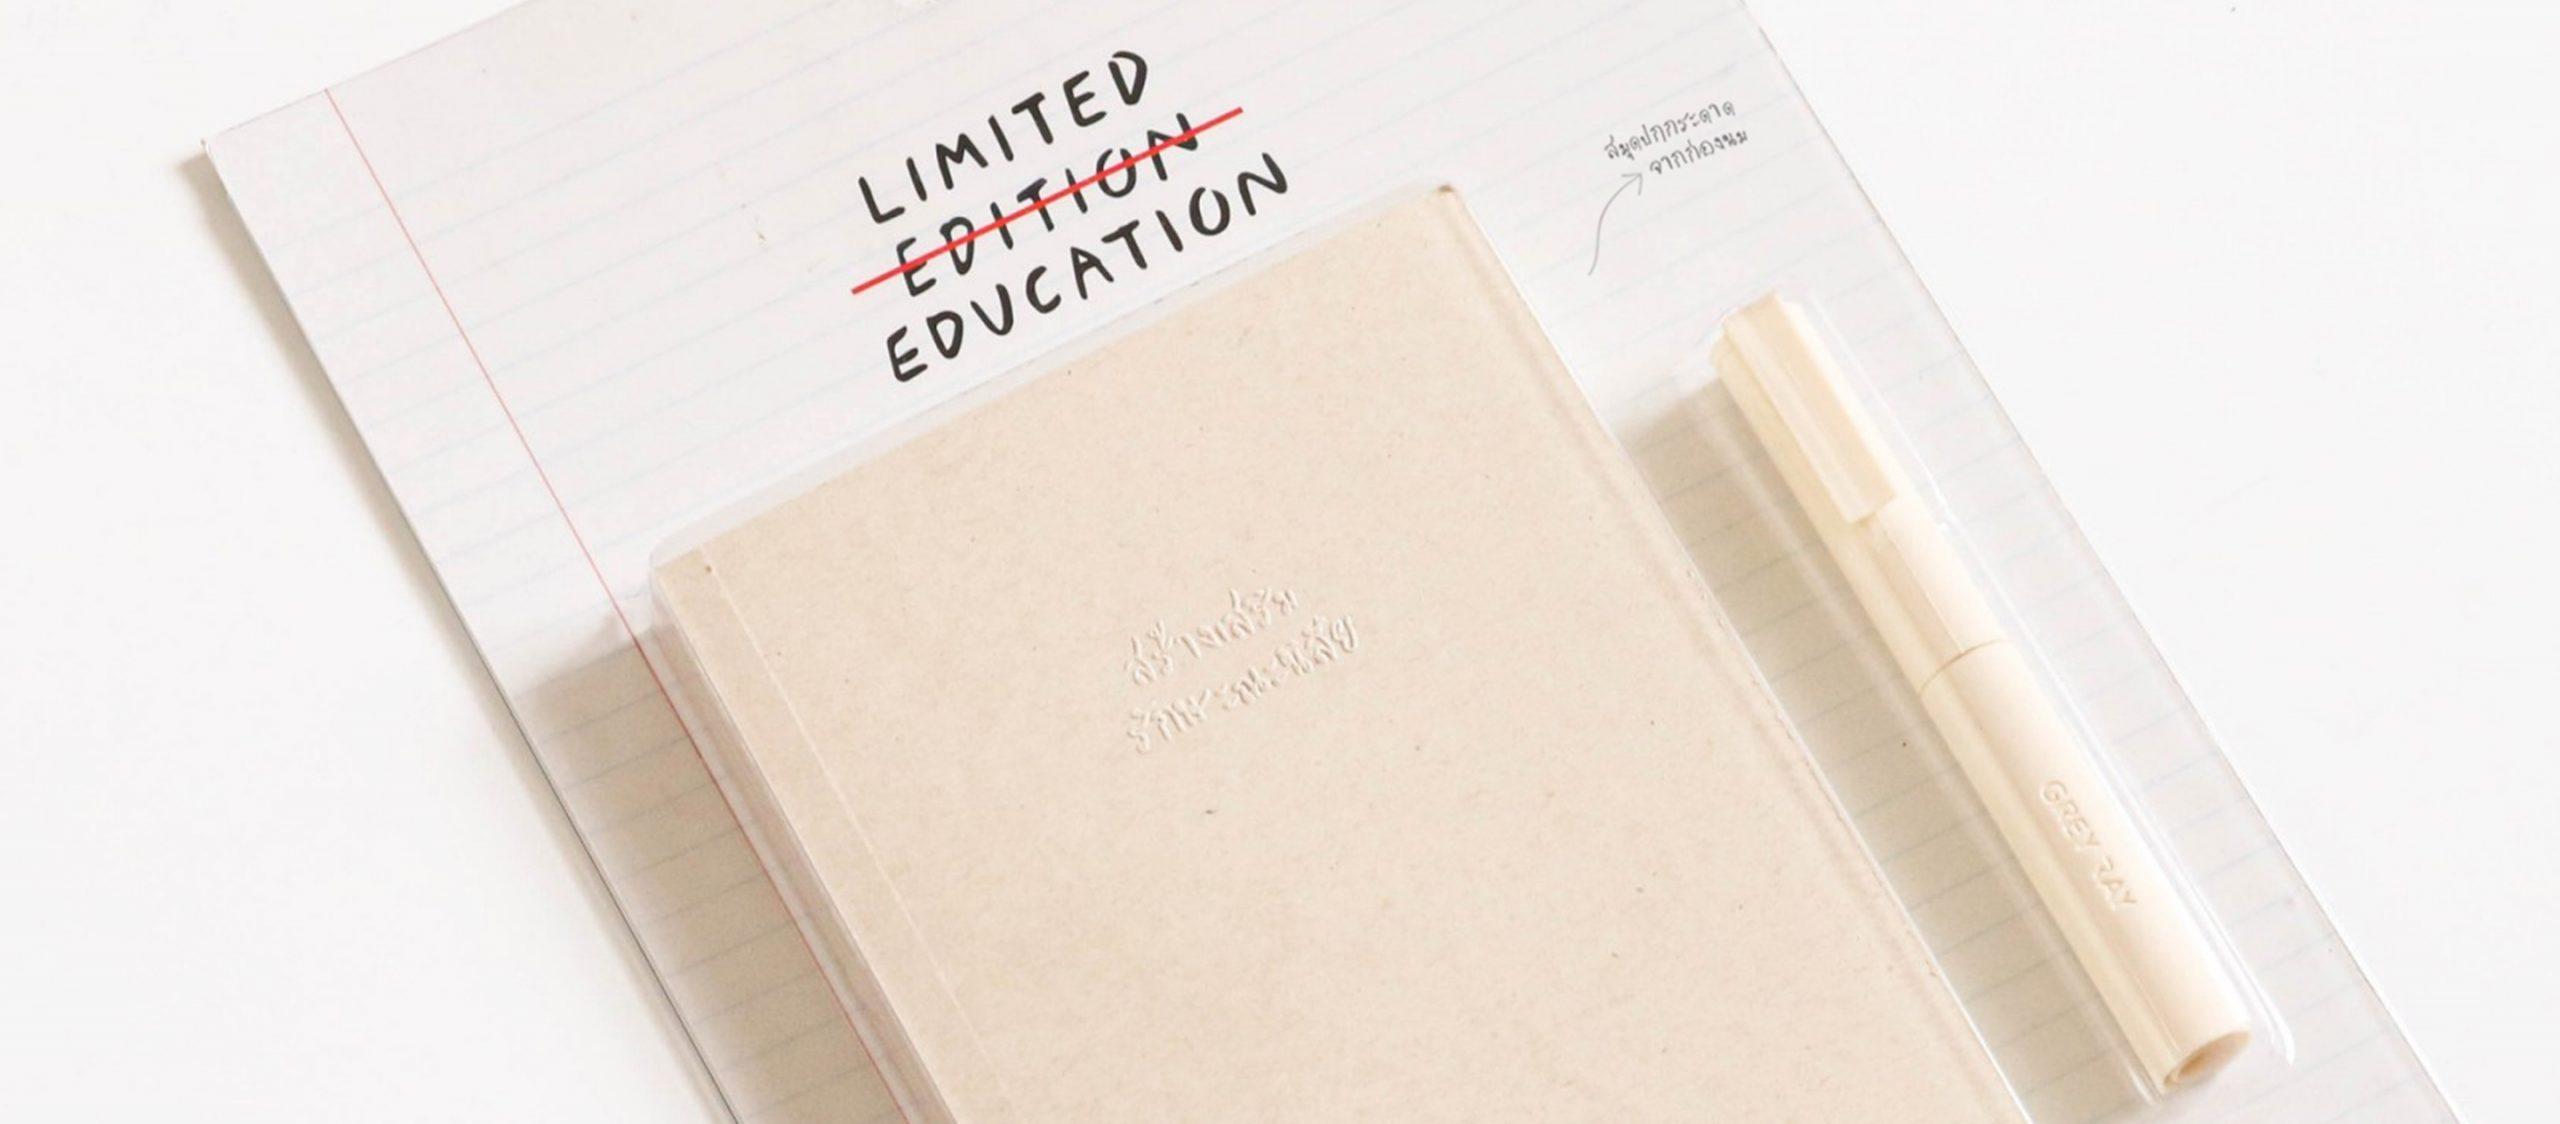 Limited Education: การกลับมาของแคมเปญเพื่อการศึกษาที่เล่าปัญหาความเหลื่อมล้ำผ่านการชิม ช้อป ชิลล์